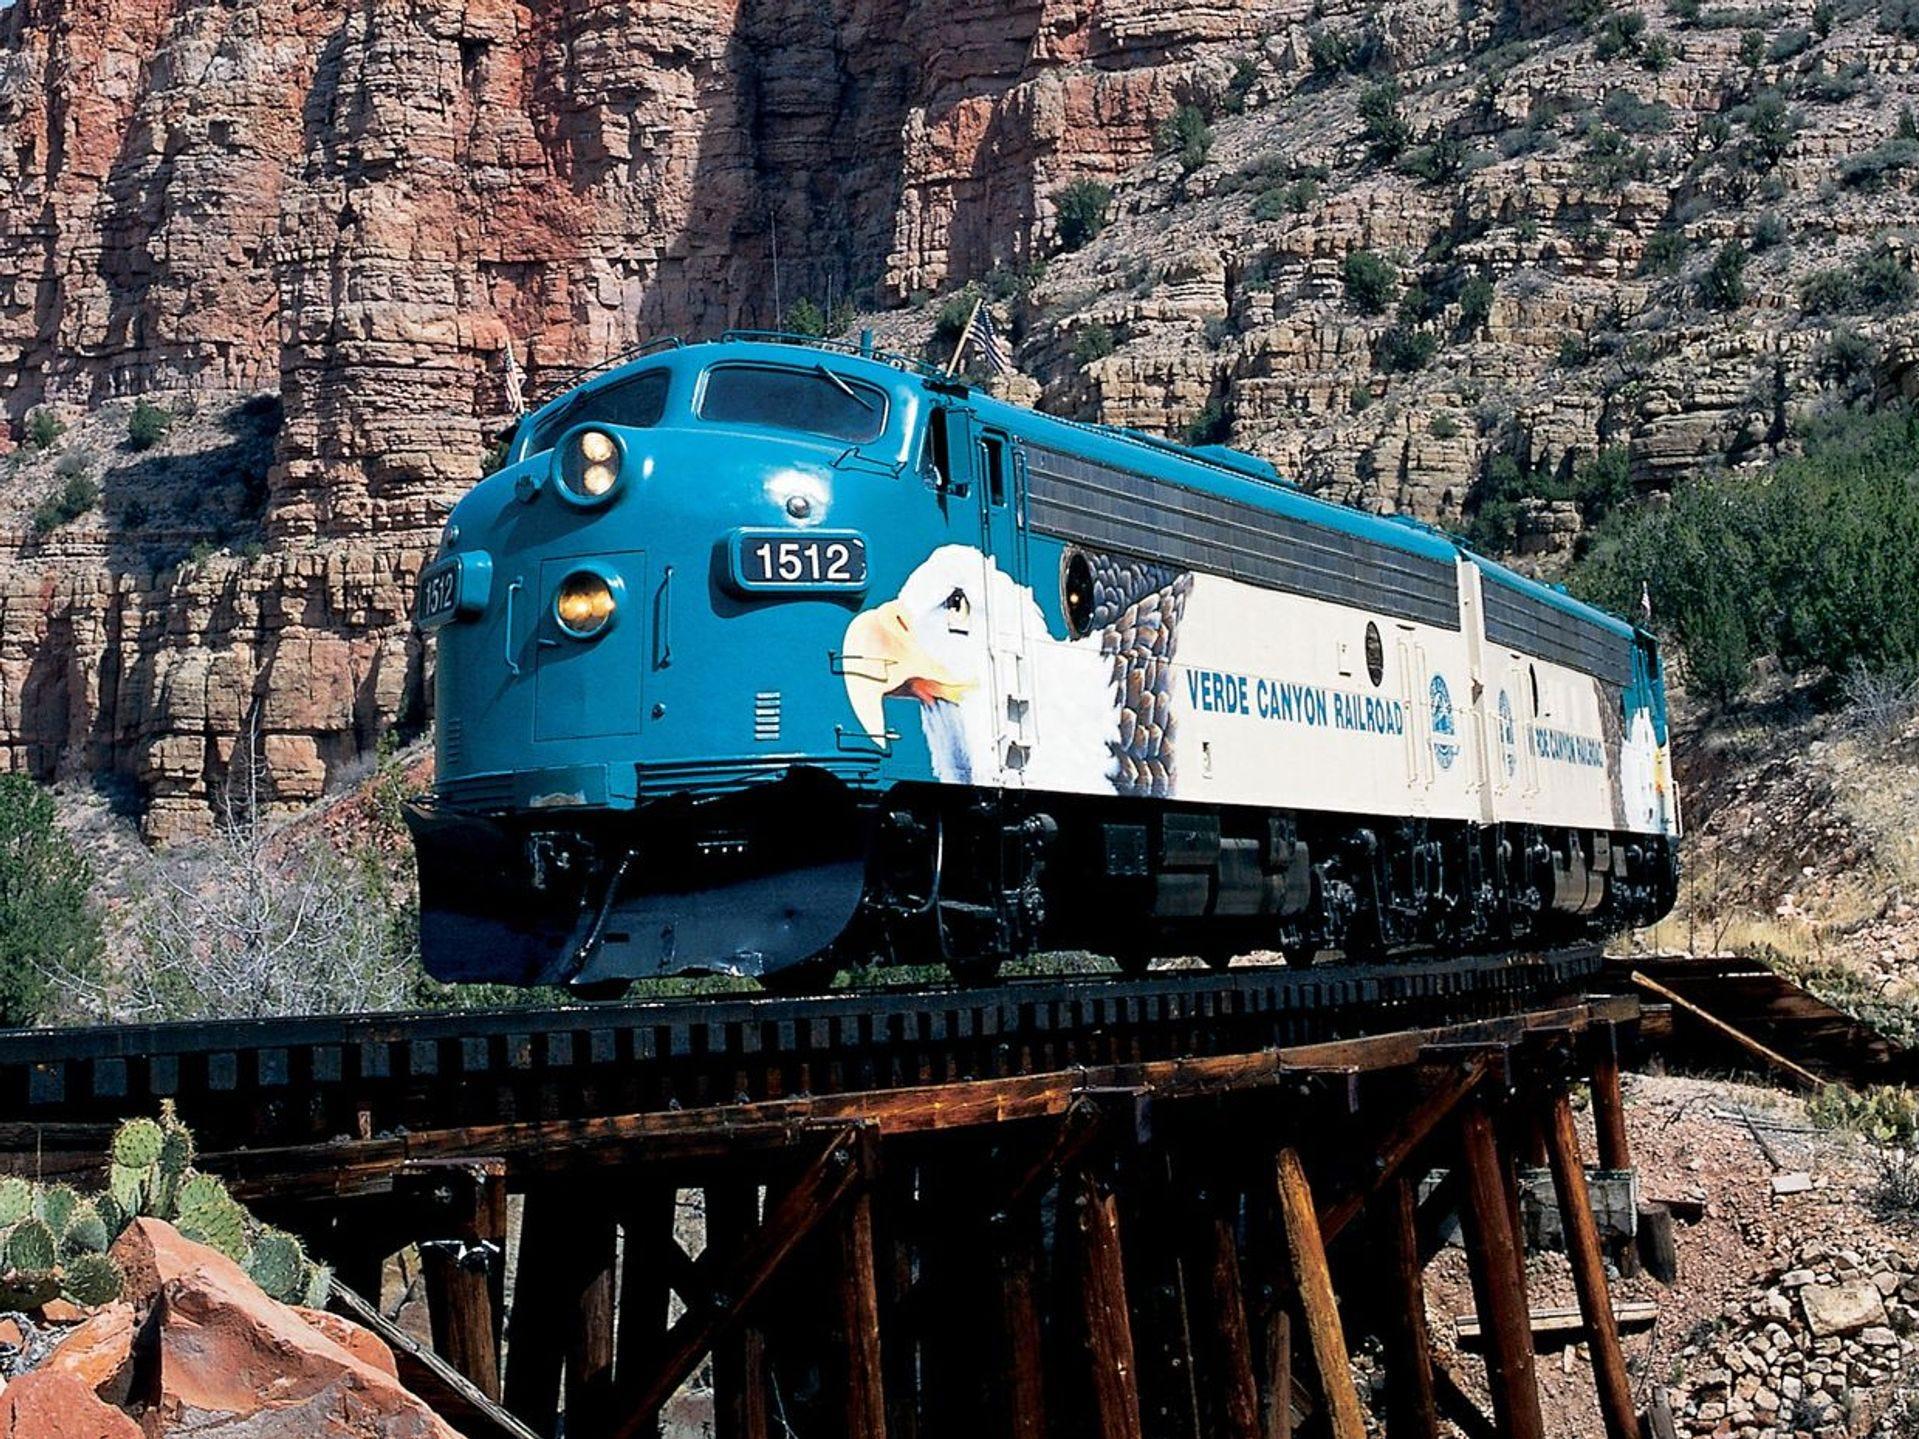 El ferrocarril del Cañón Verde pasa por una antigua parada de tren llamada Sycamore. Verde Canyon Railroad corre entre Clarkdale y Perkinsville.